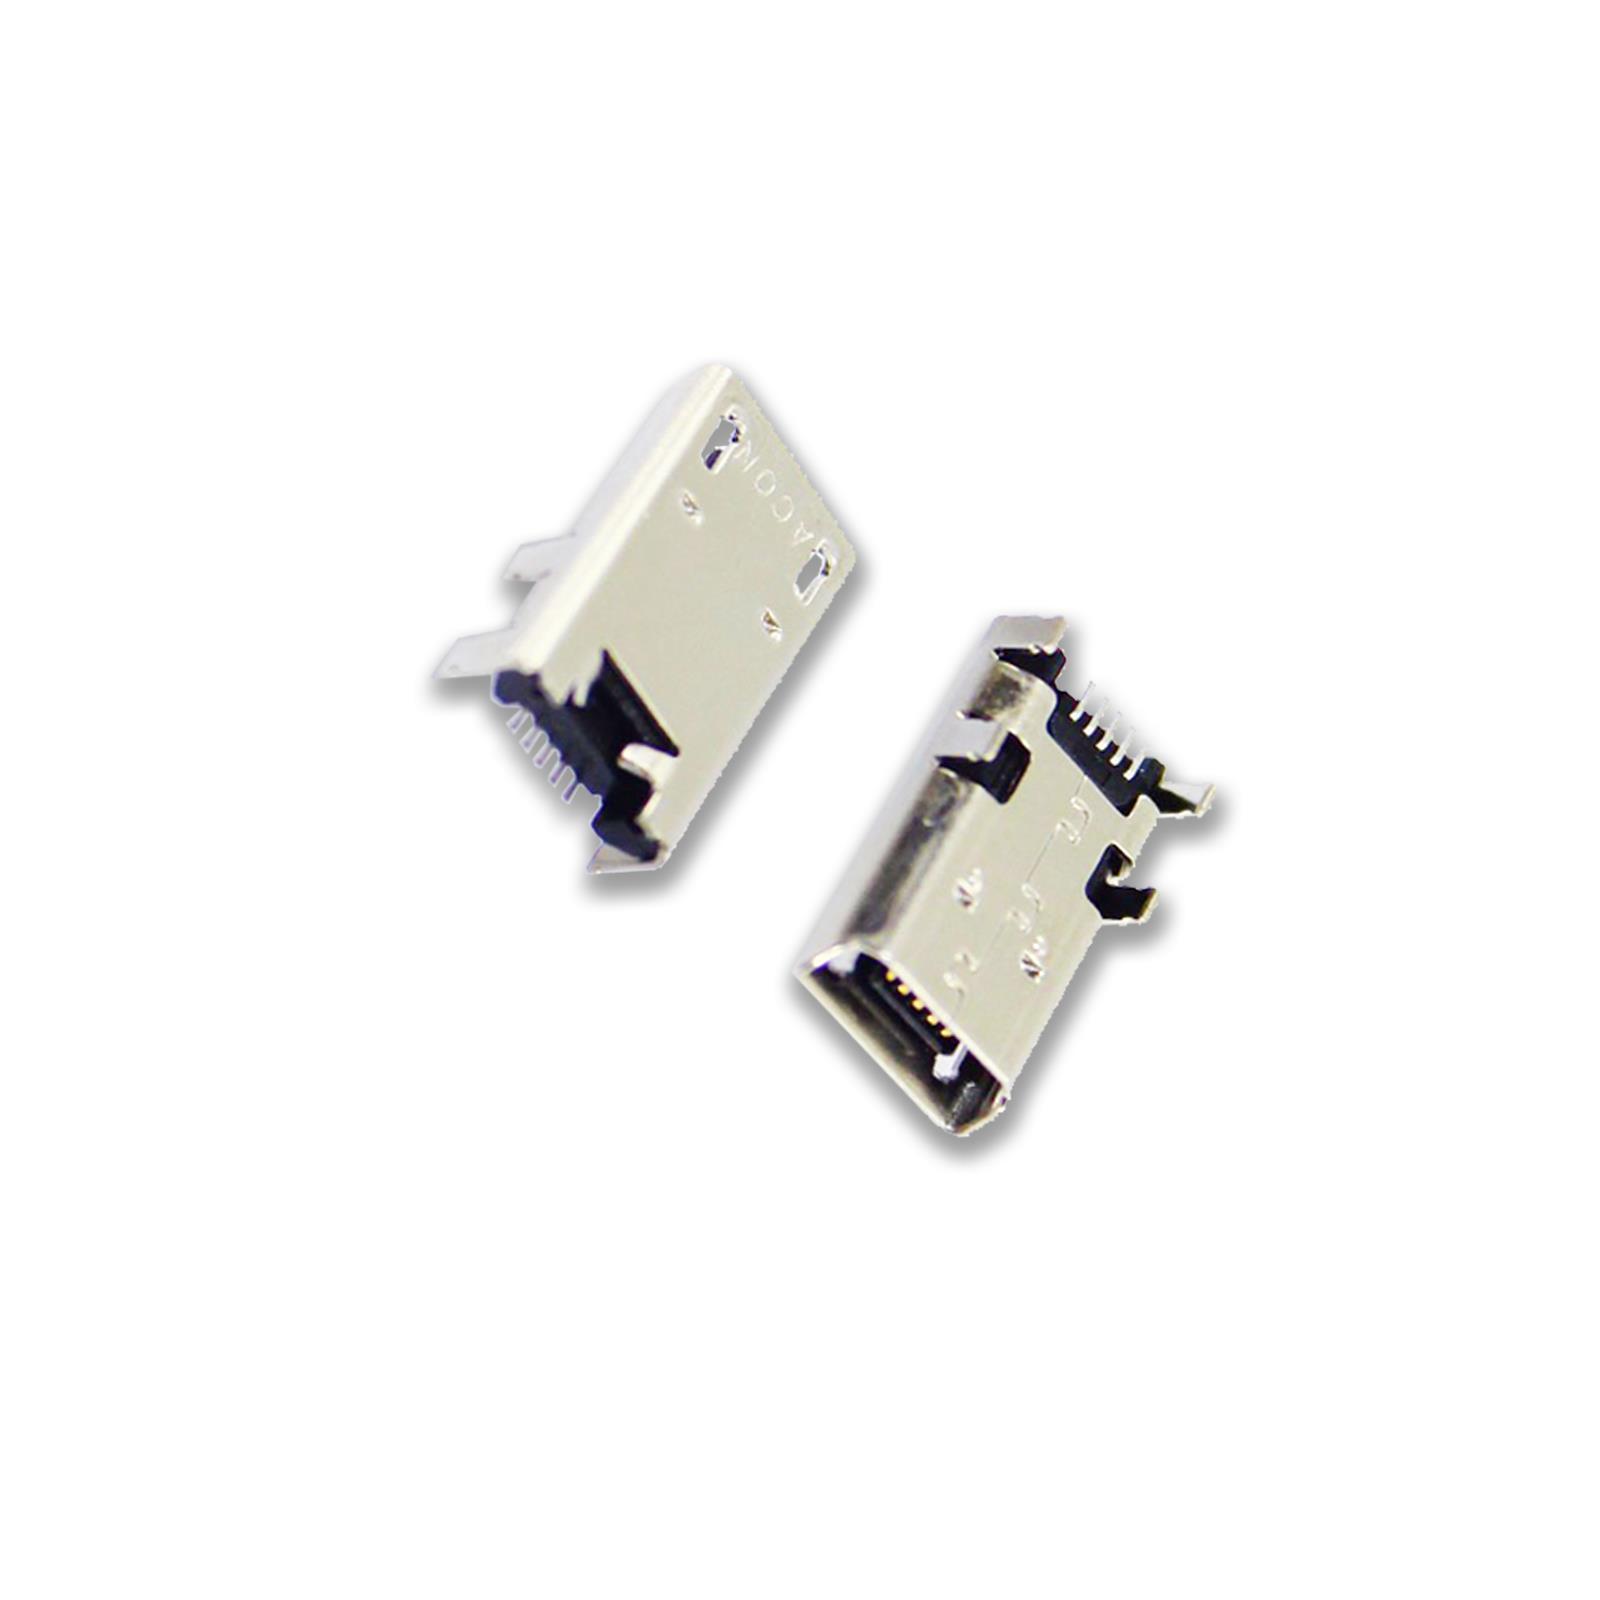 LENOVO Tab 2 a10-70f MICRO USB Porta di Ricarica CC Presa Connettore